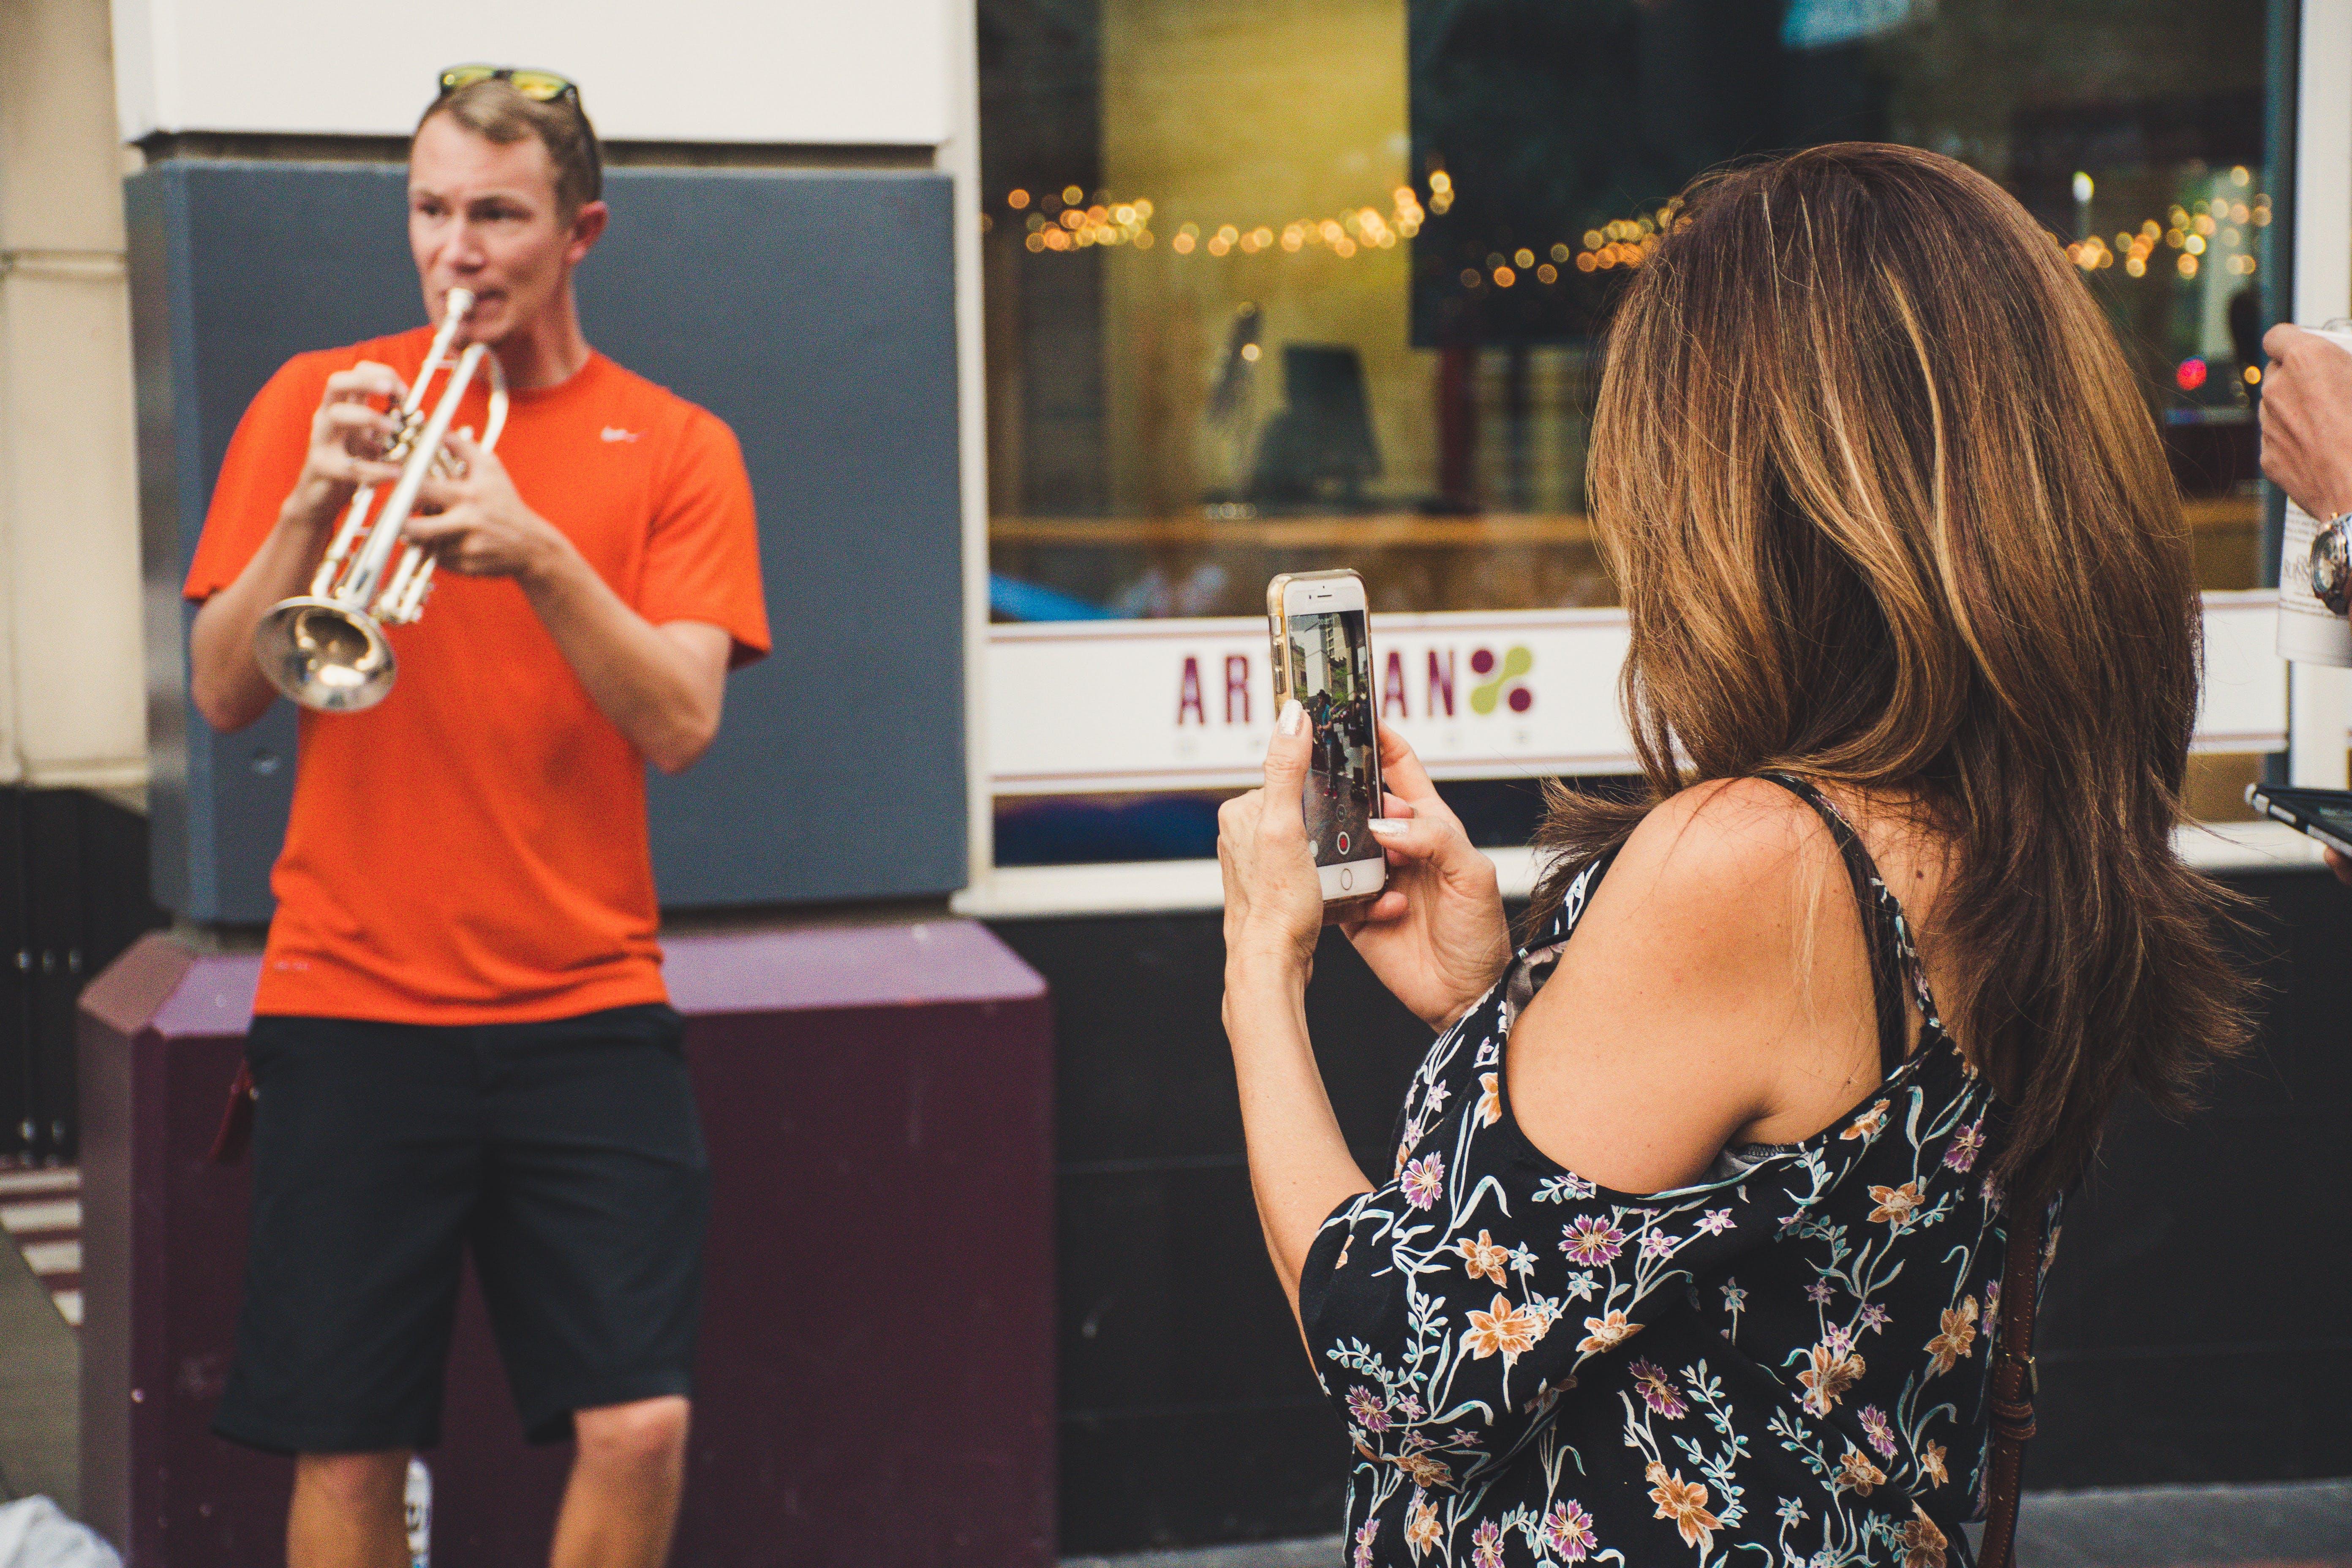 Woman Taking Photo of Man Playing Trumpet